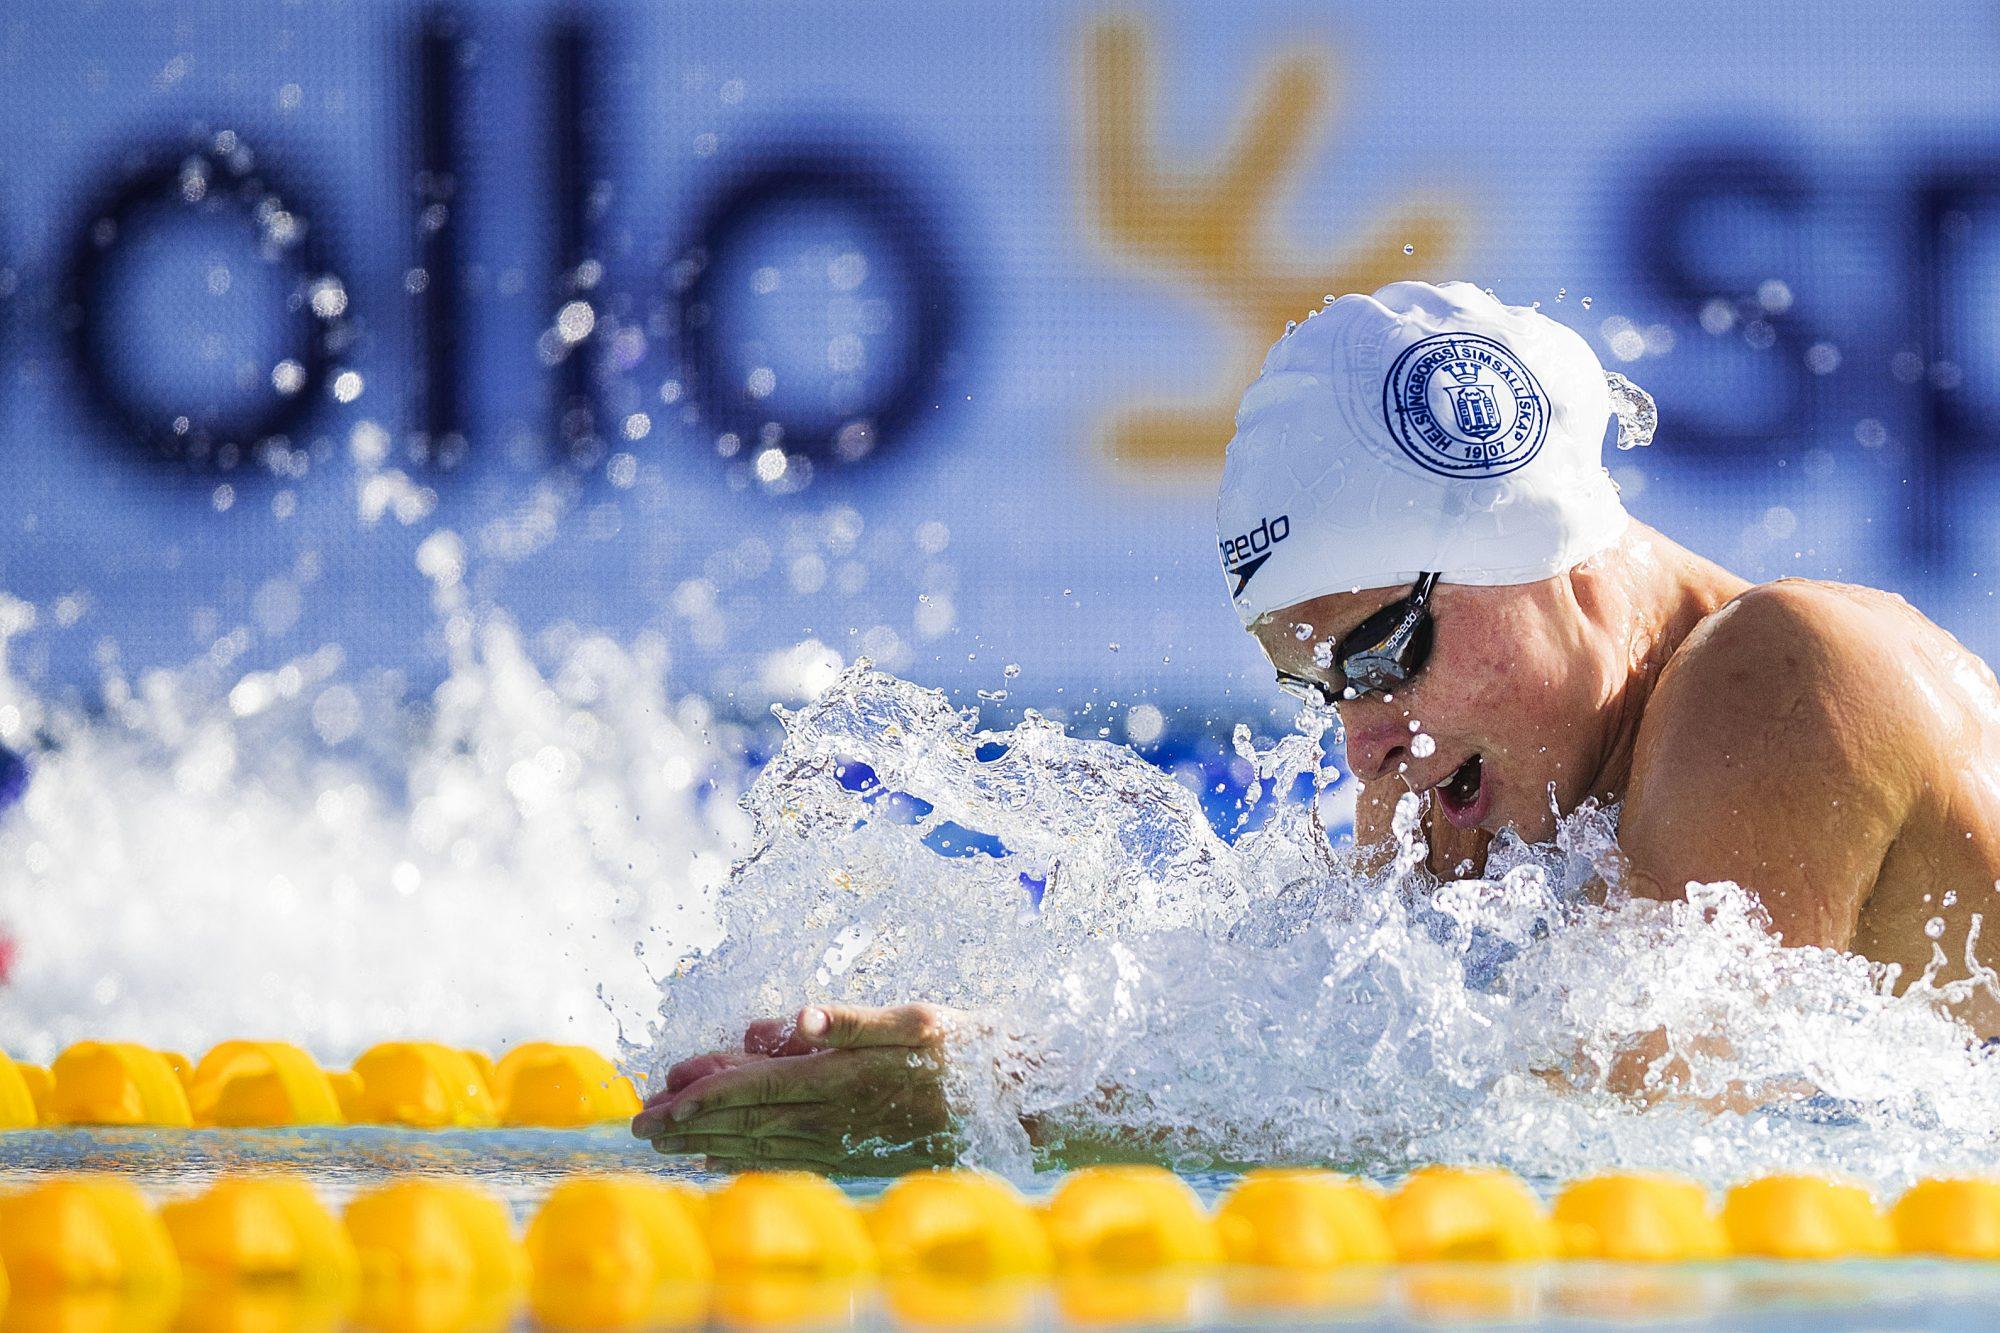 Sophie Hansson, Helsingborg, tävlar i 50 meter bröstsim under dag 4 av SM-veckan den 29 juni 2019 i Malmö.